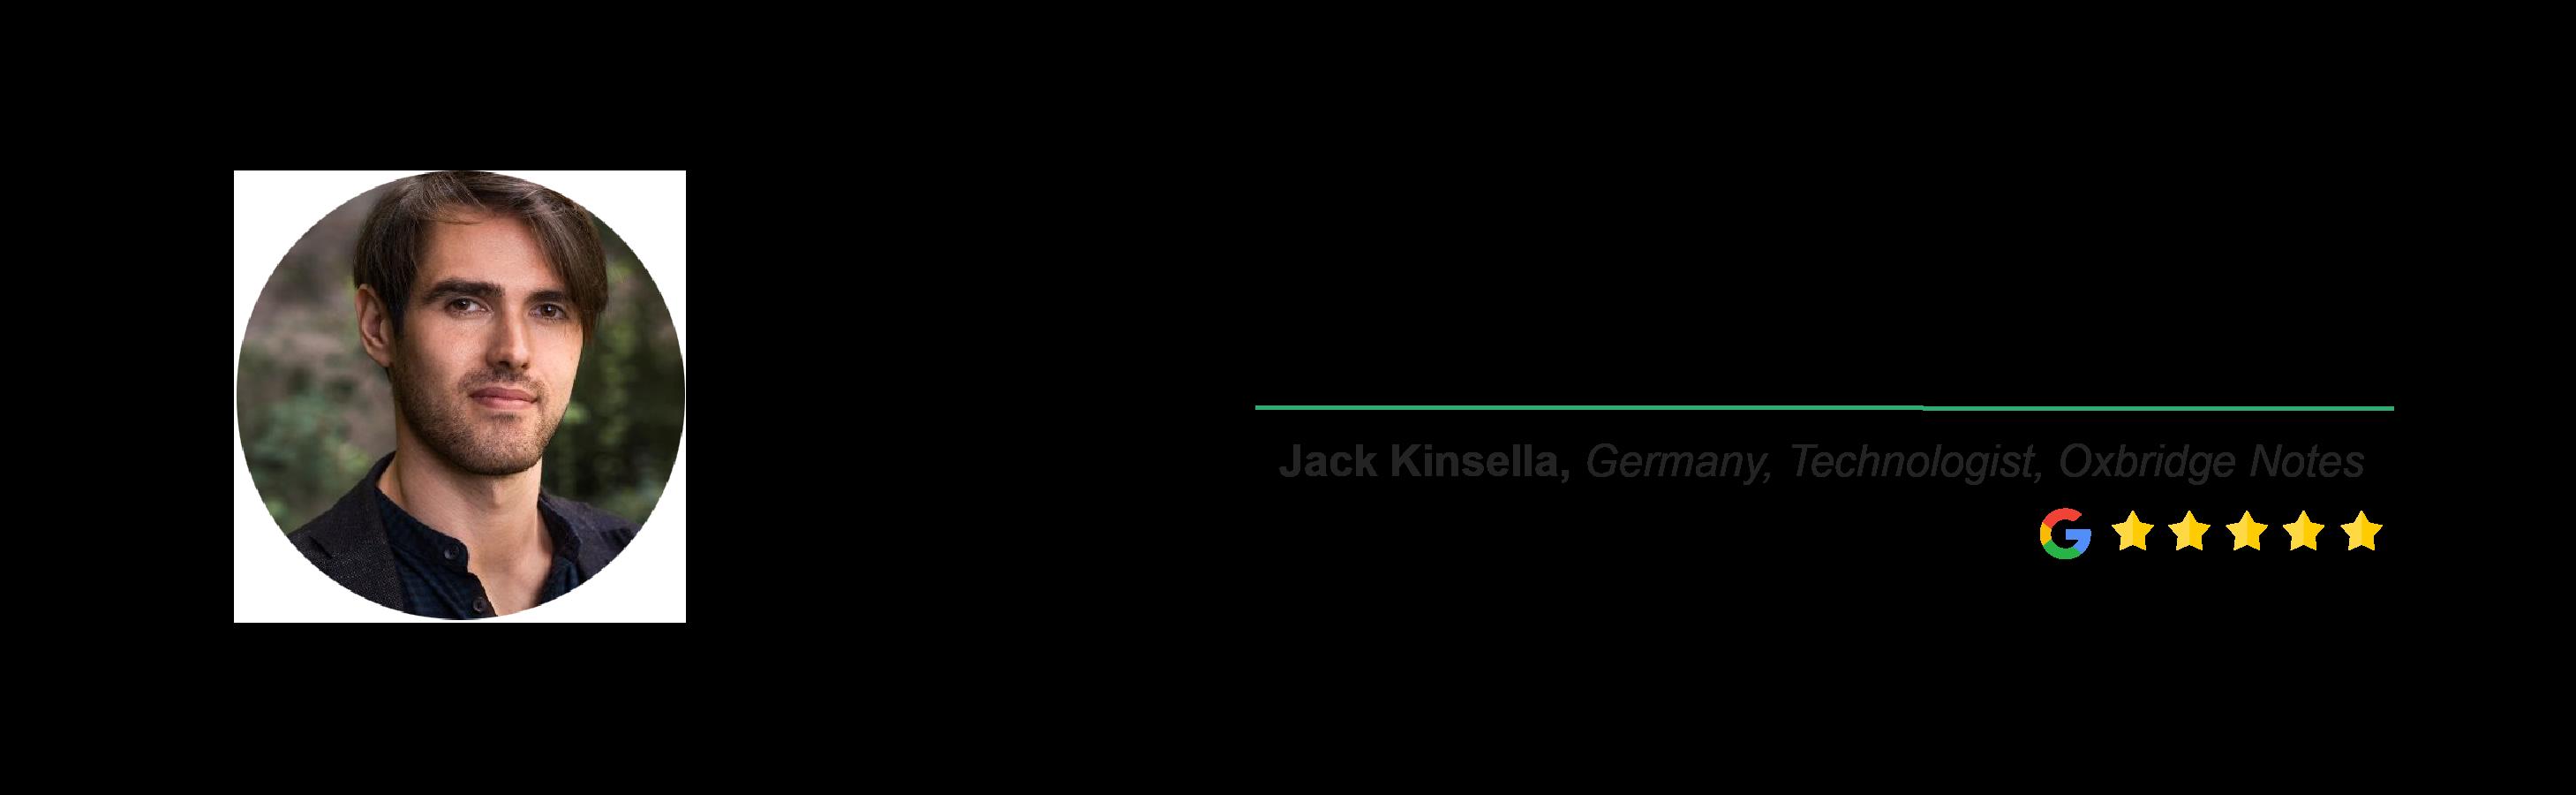 Locus Testimonial - Jack Kinsella